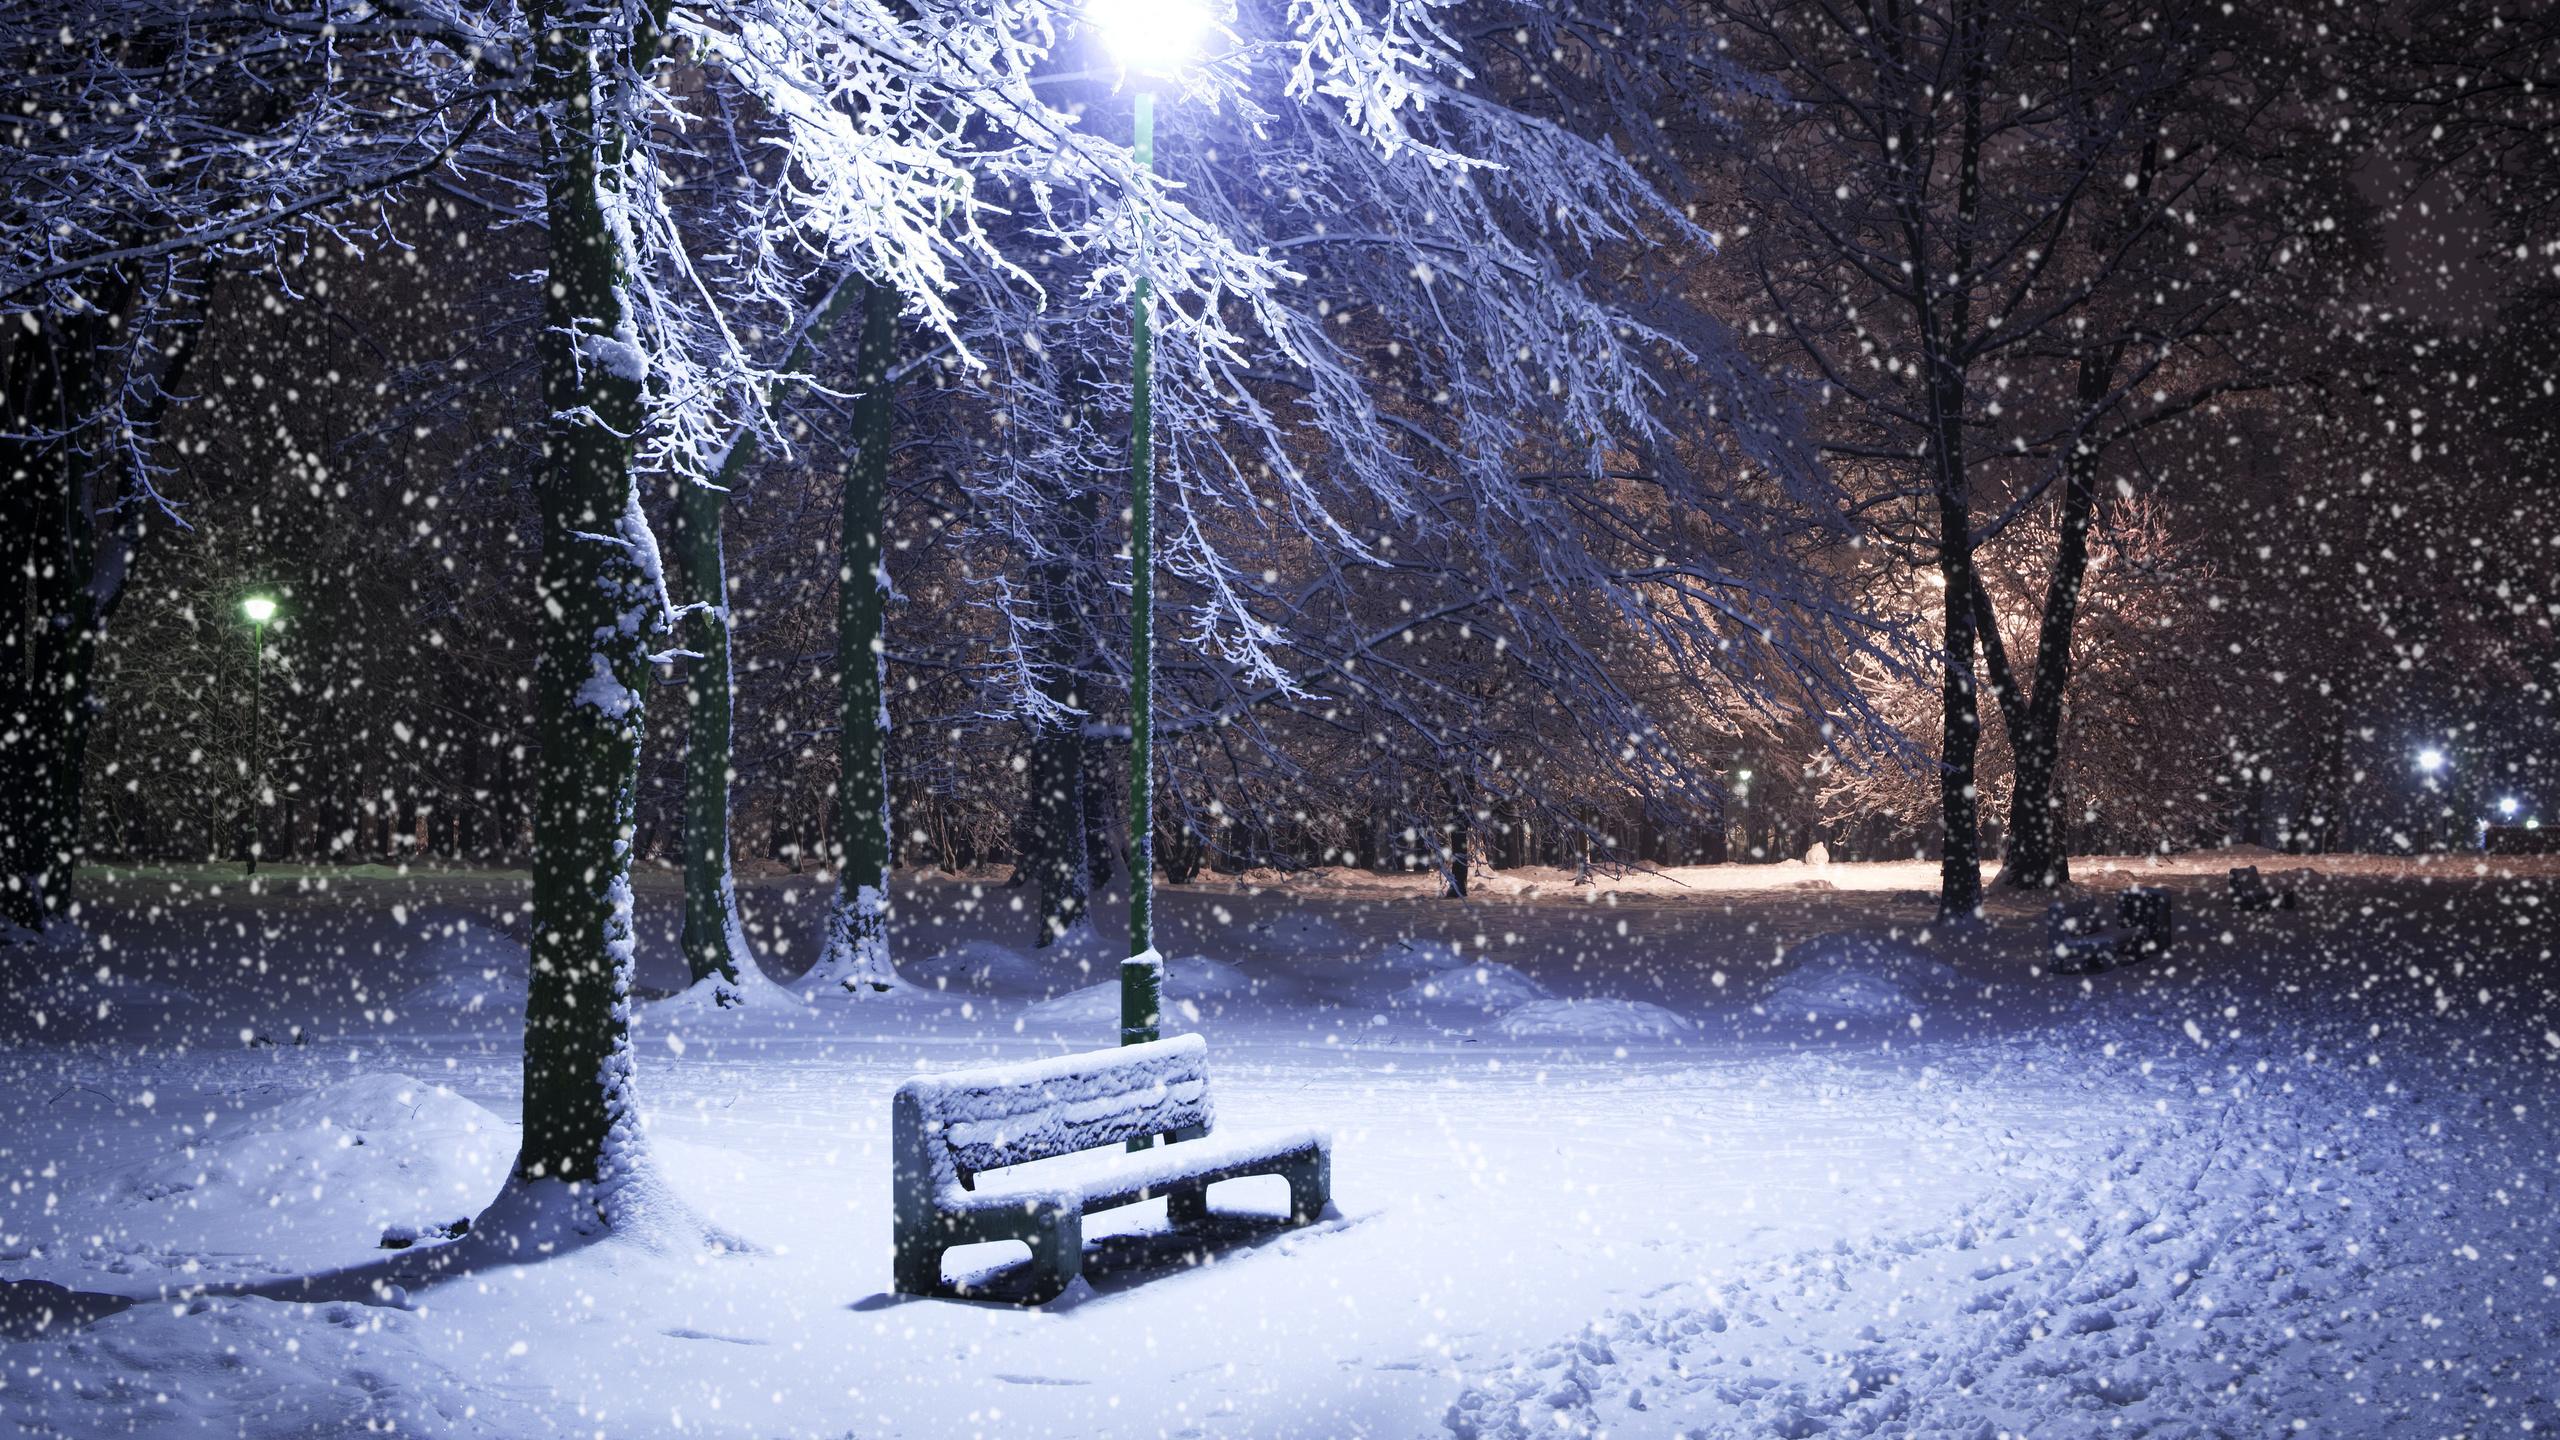 фото зимы ночью идет снег будапешт выбралась